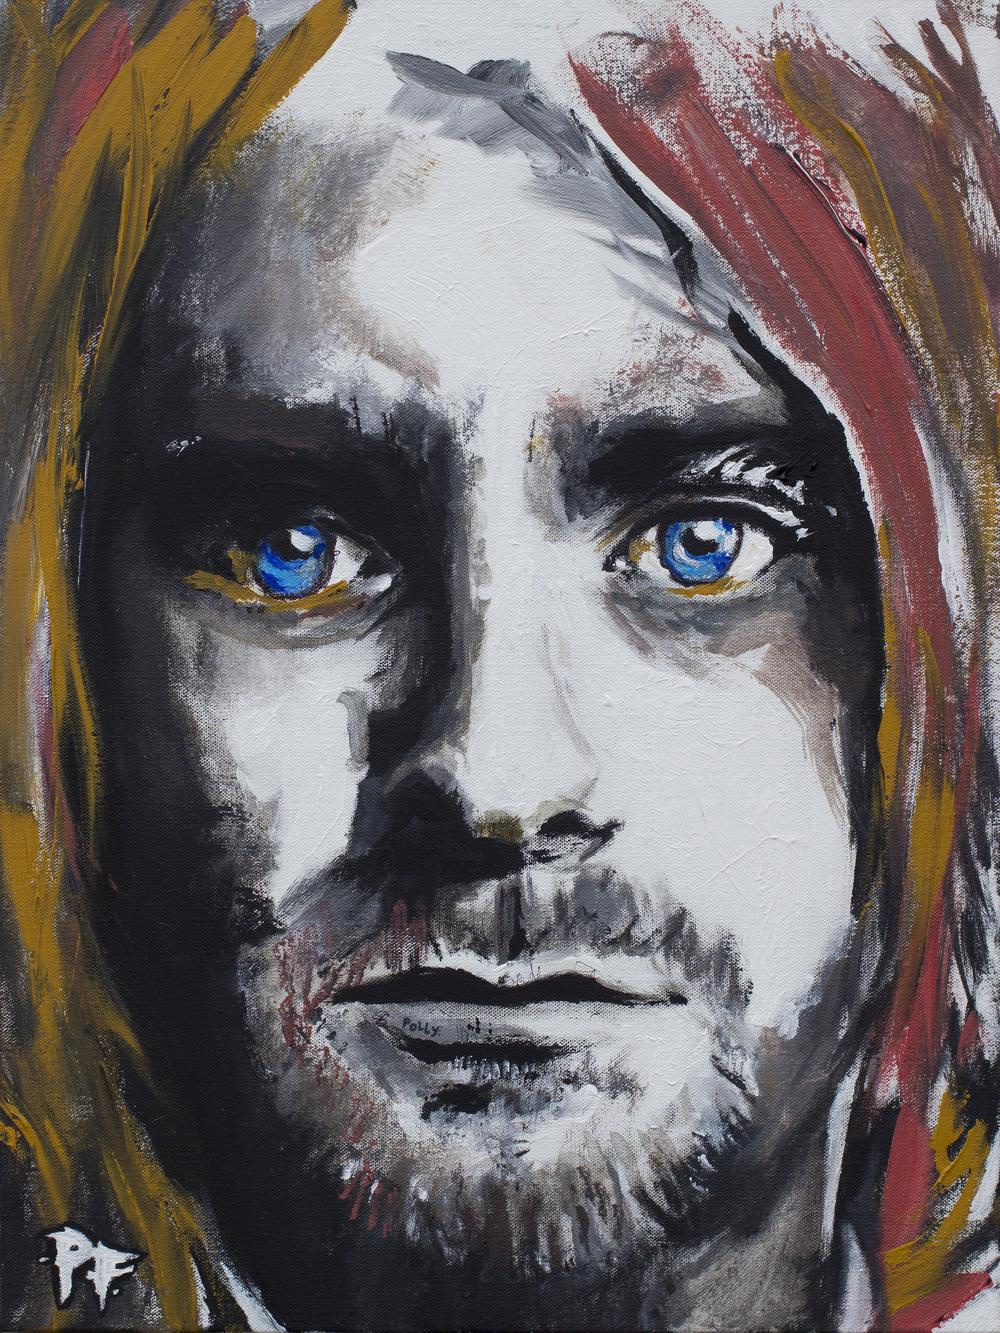 Gamut_Art_Cobain.png